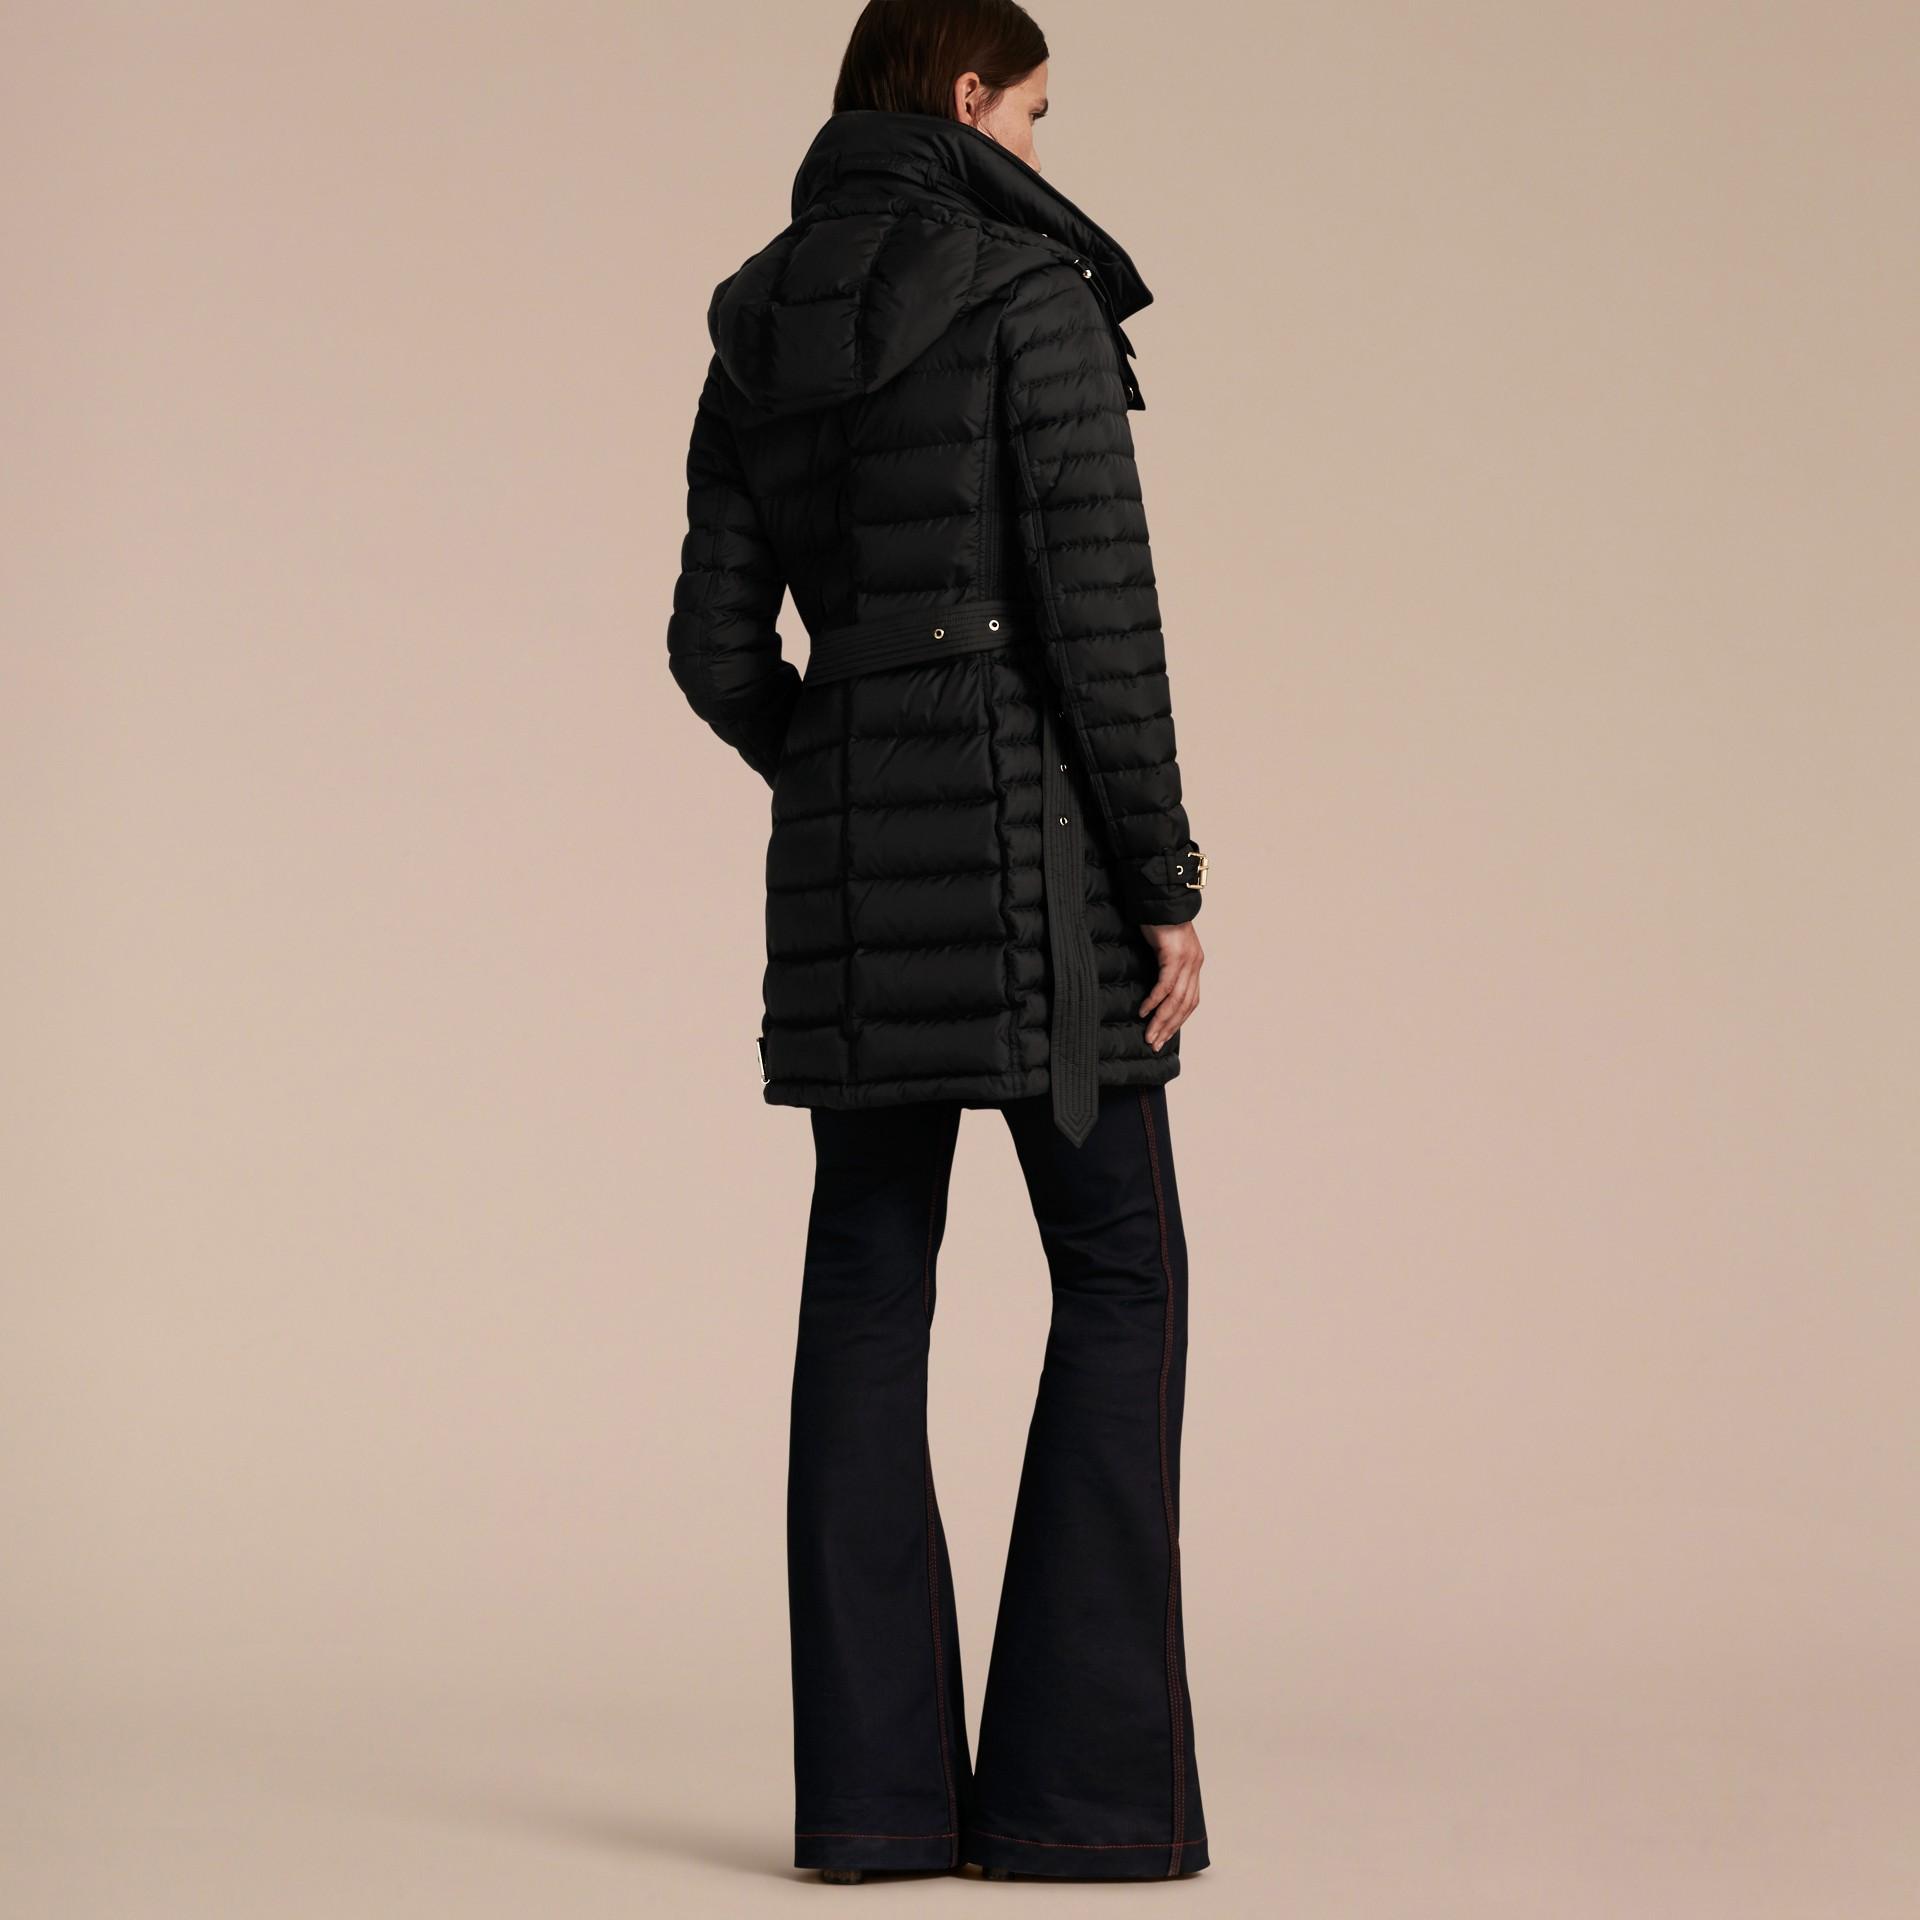 Nero Piumino imbottito con cappuccio packaway Nero - immagine della galleria 3